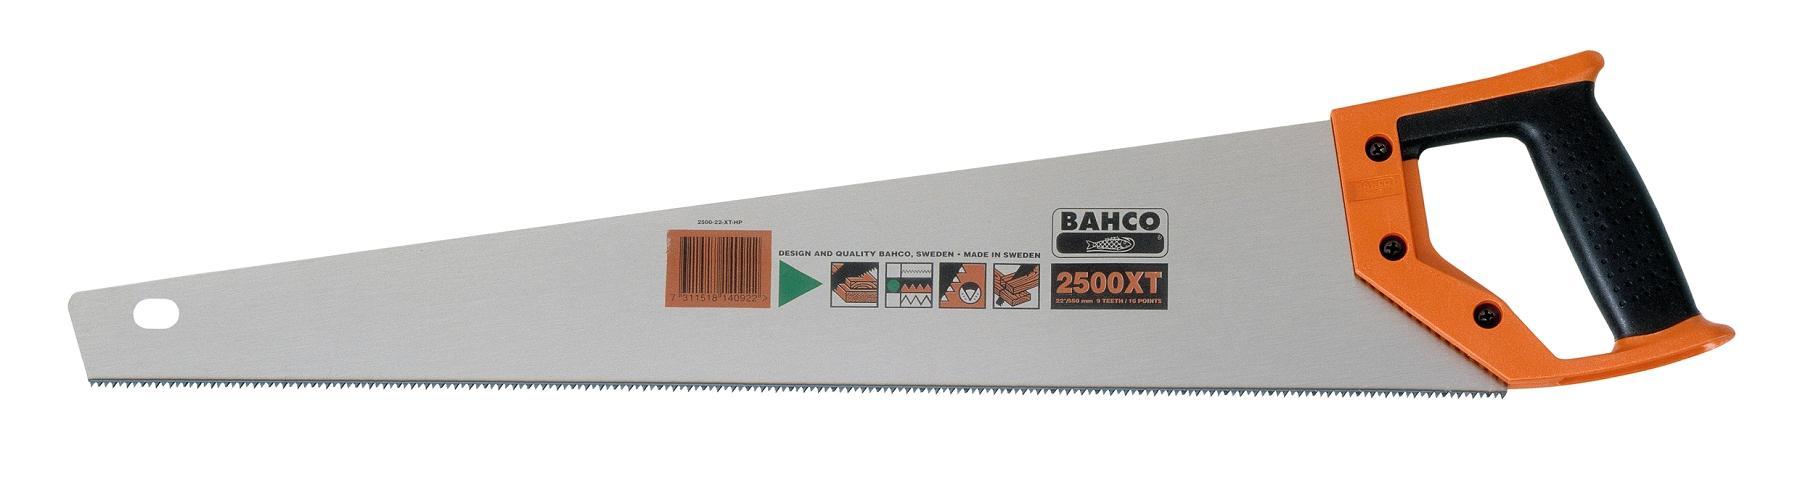 Ножовка Bahco 2500-22-xt-hp ножовка bahco 2500 22 xt hp